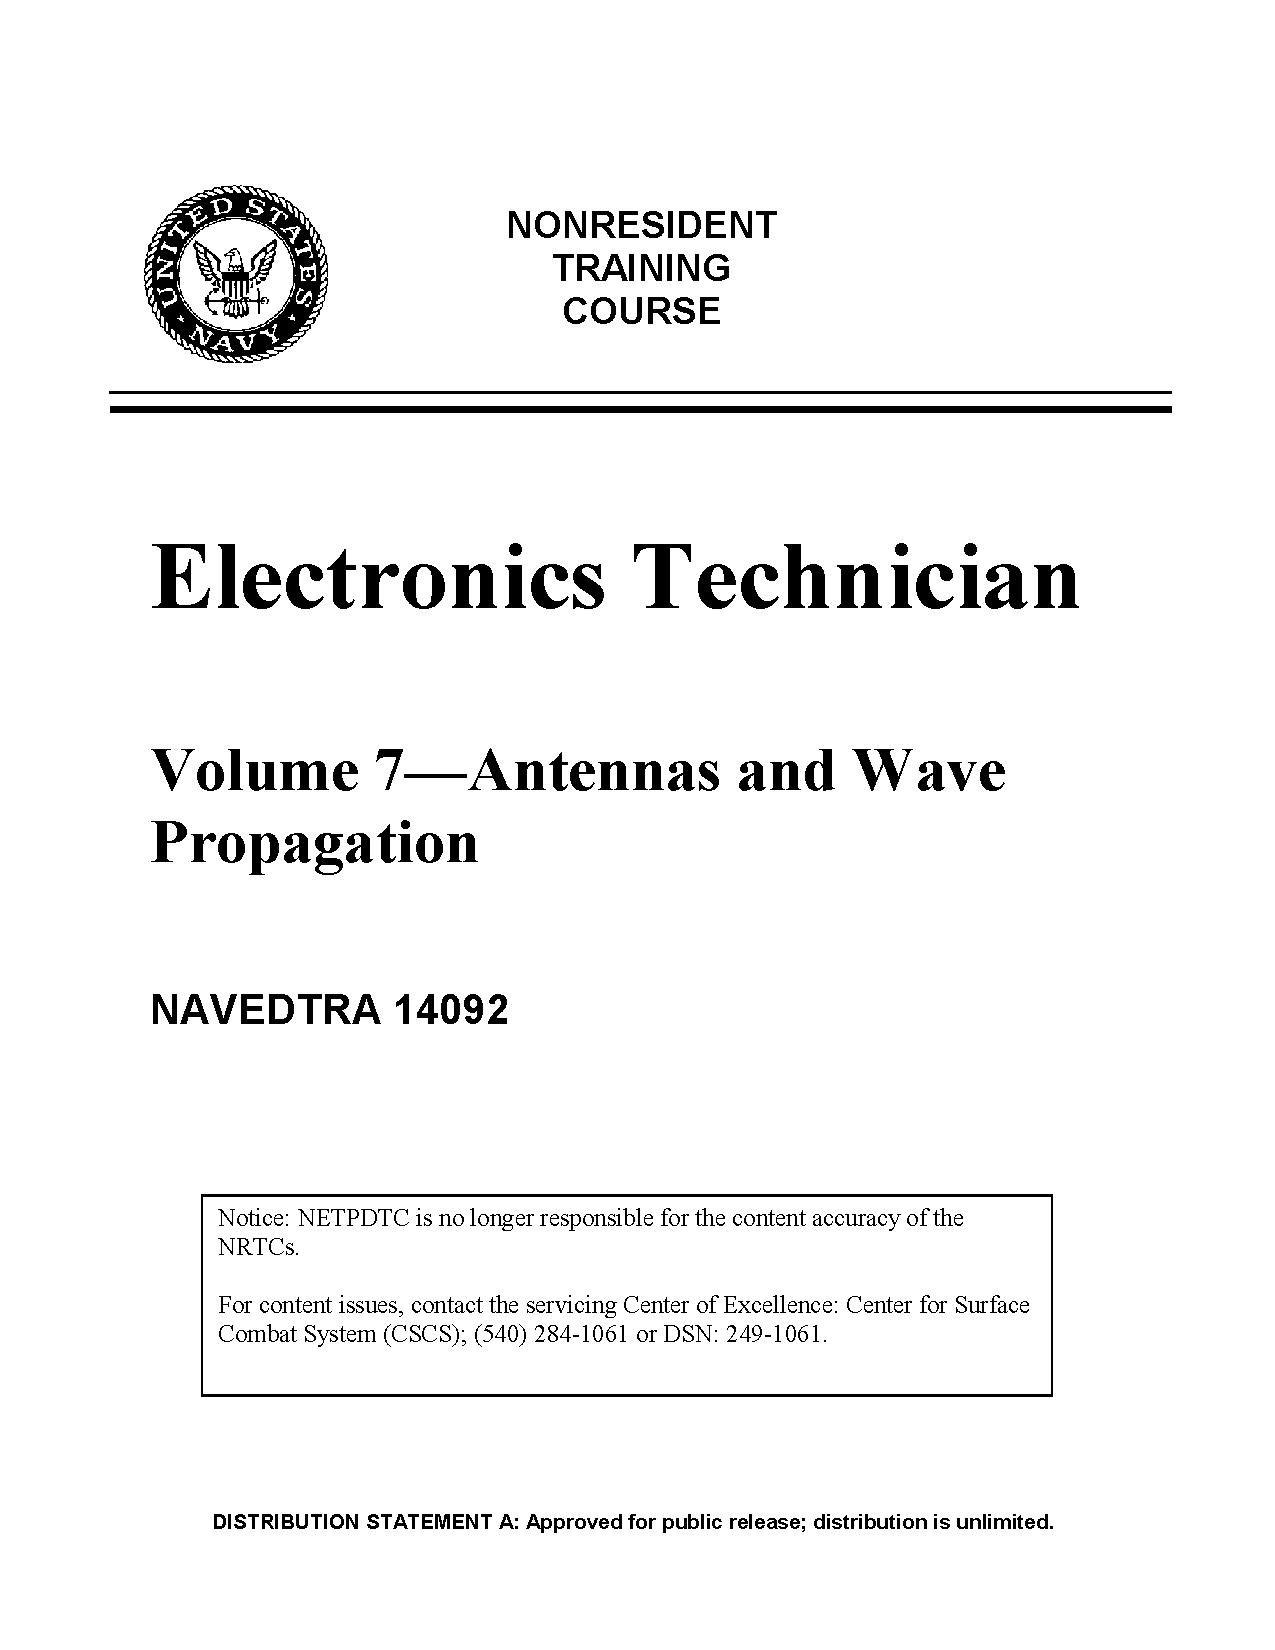 Antenna & Wave Propagation Pdf